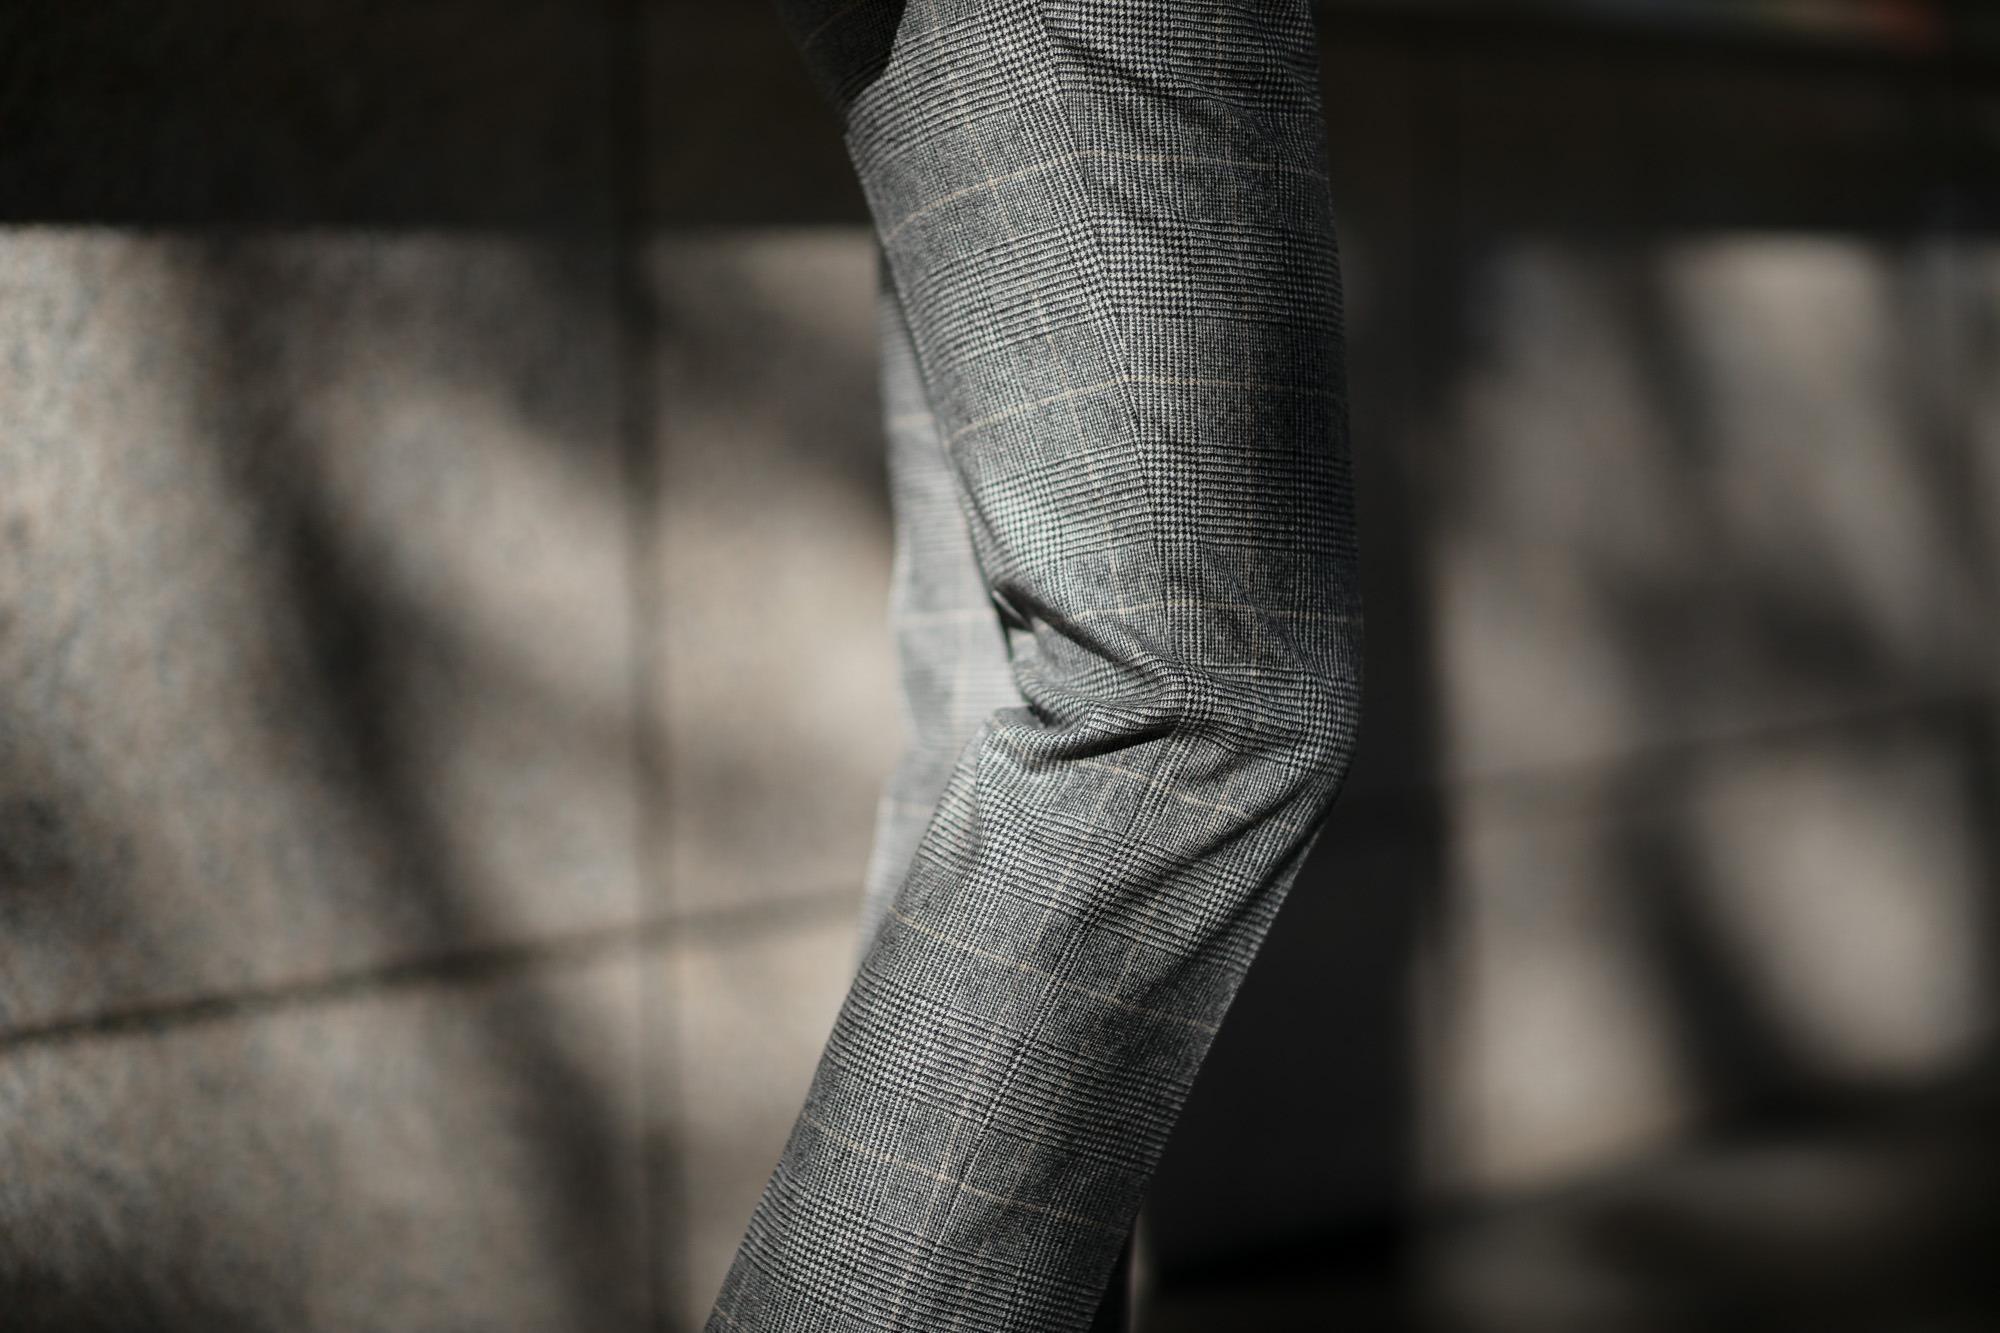 LARDINI (ラルディーニ) SARTORIA (サルトリア) フラノウール生地 ブリティッシュ グレンチェック スーツ GRAY (グレー・11) 2018 秋冬新作 愛知 名古屋 alto e diritto アルトエデリット スーツ チェックジャケット